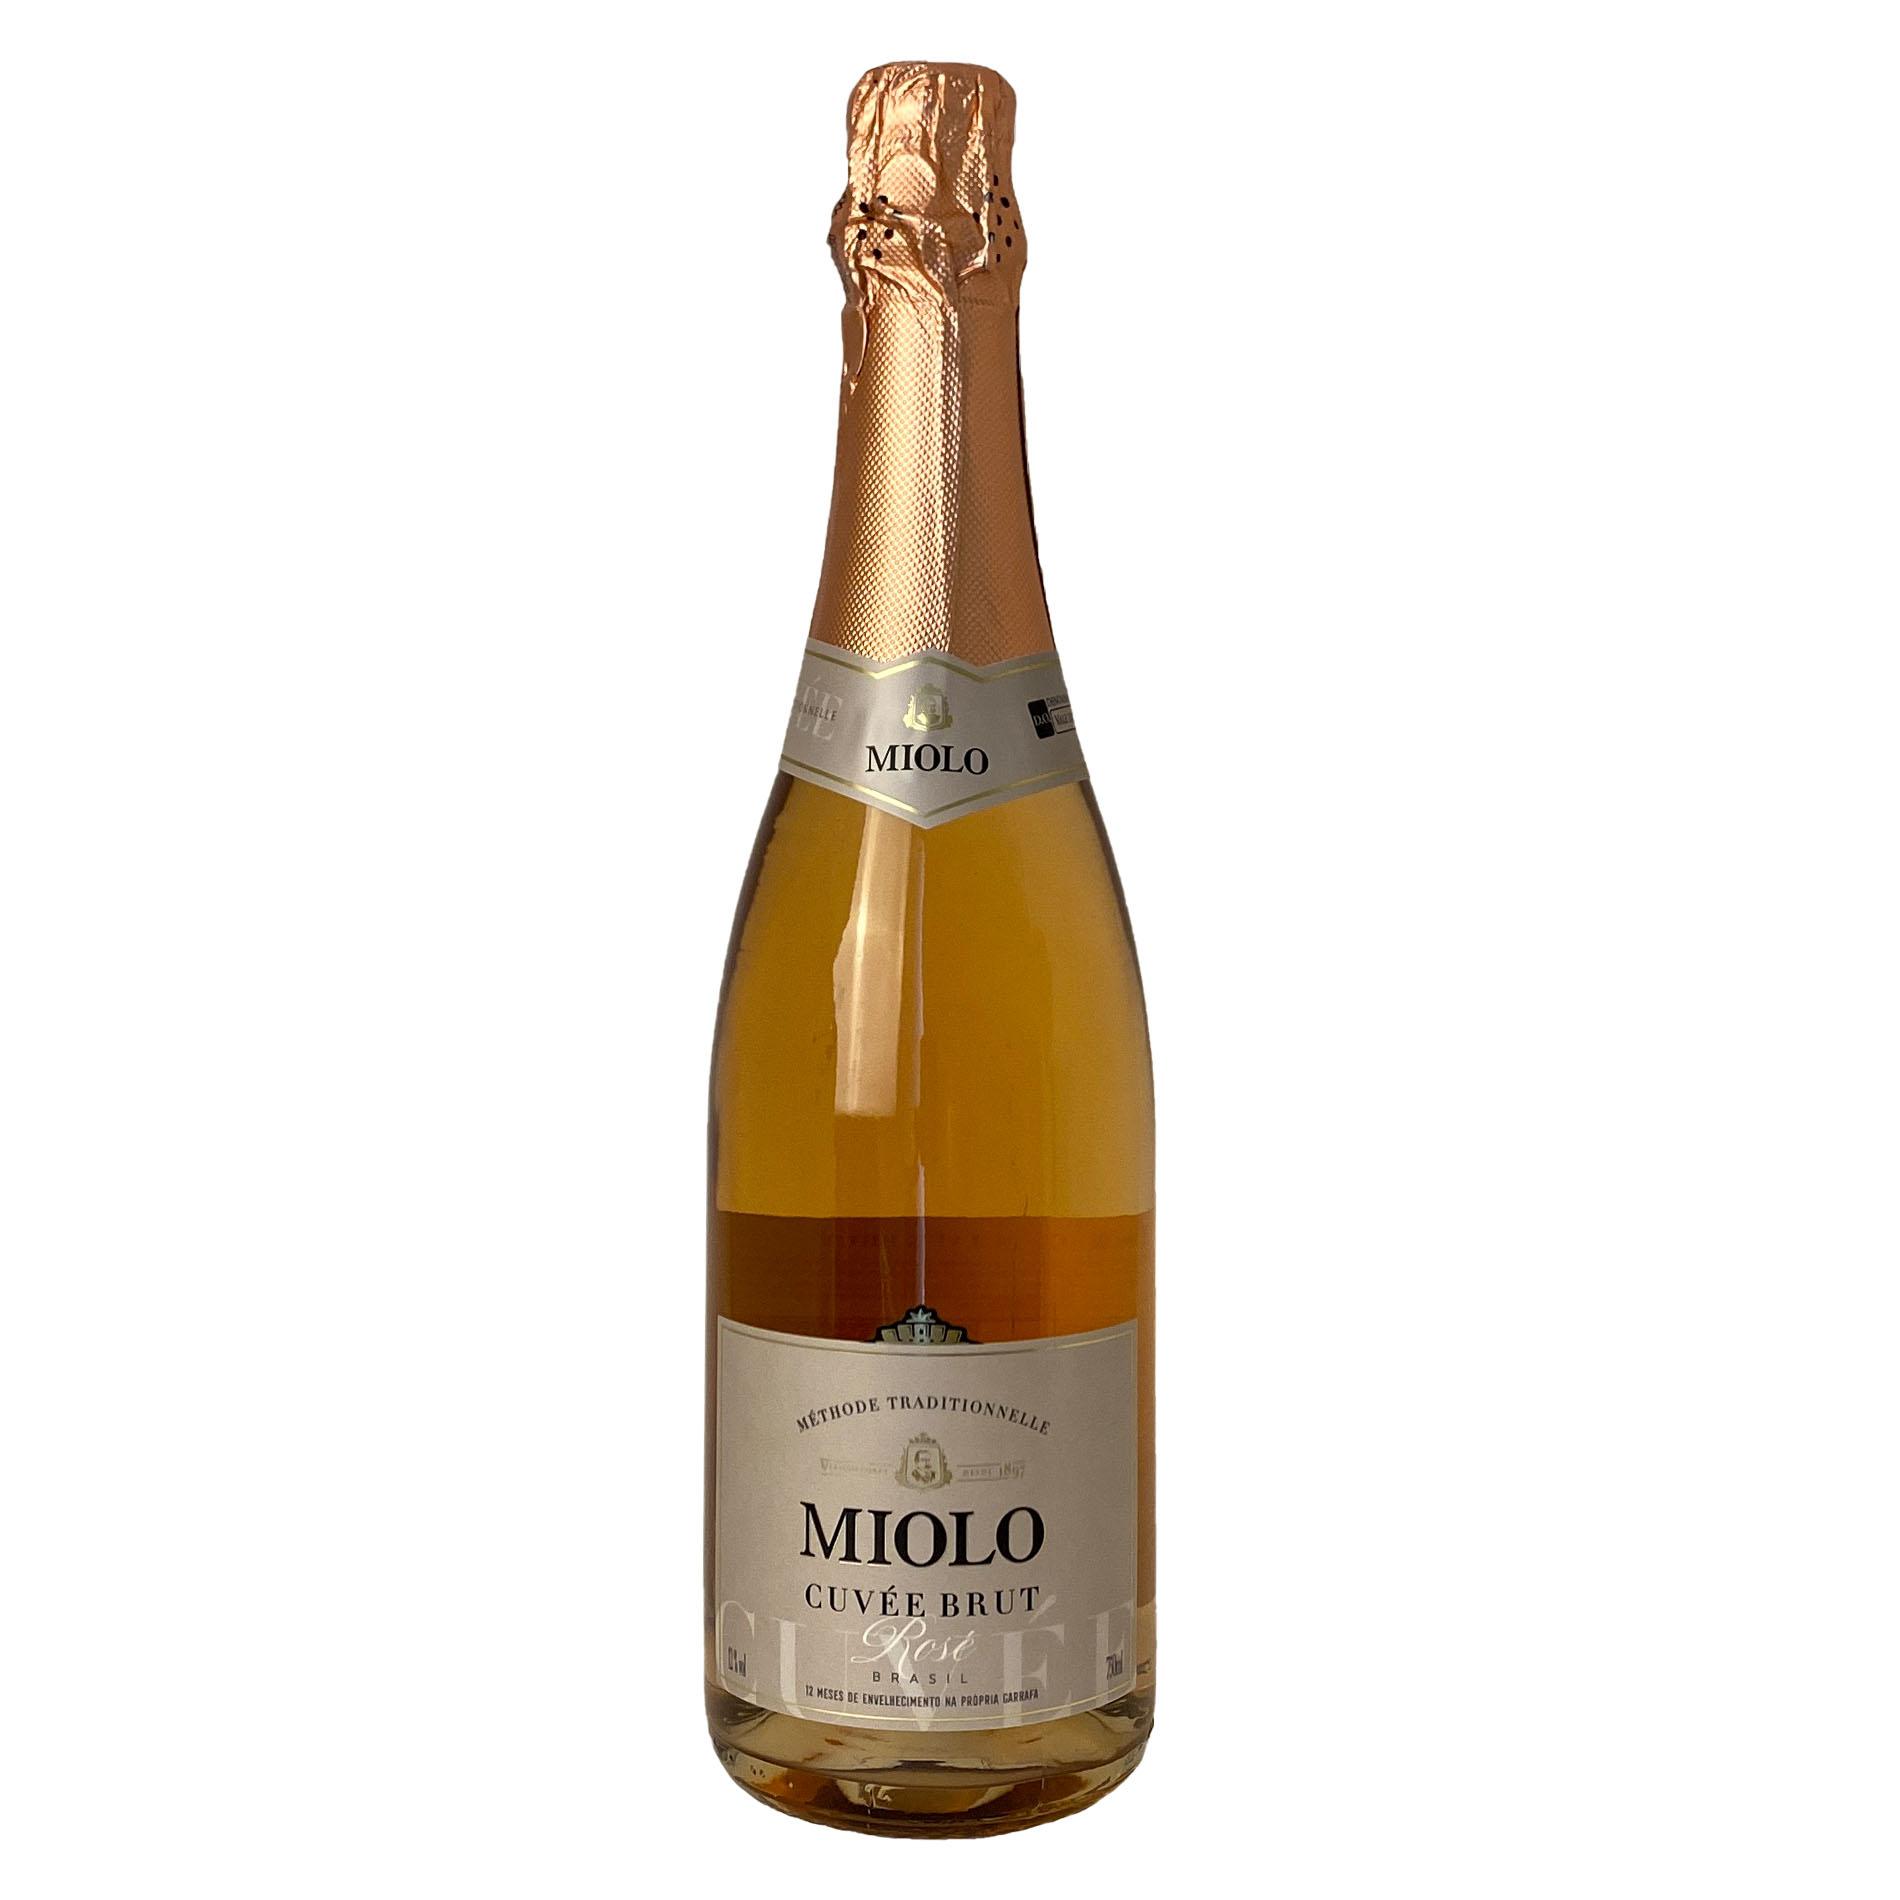 Espumante Miolo Cuvée Tradition Brut Rosé  - Vinerize